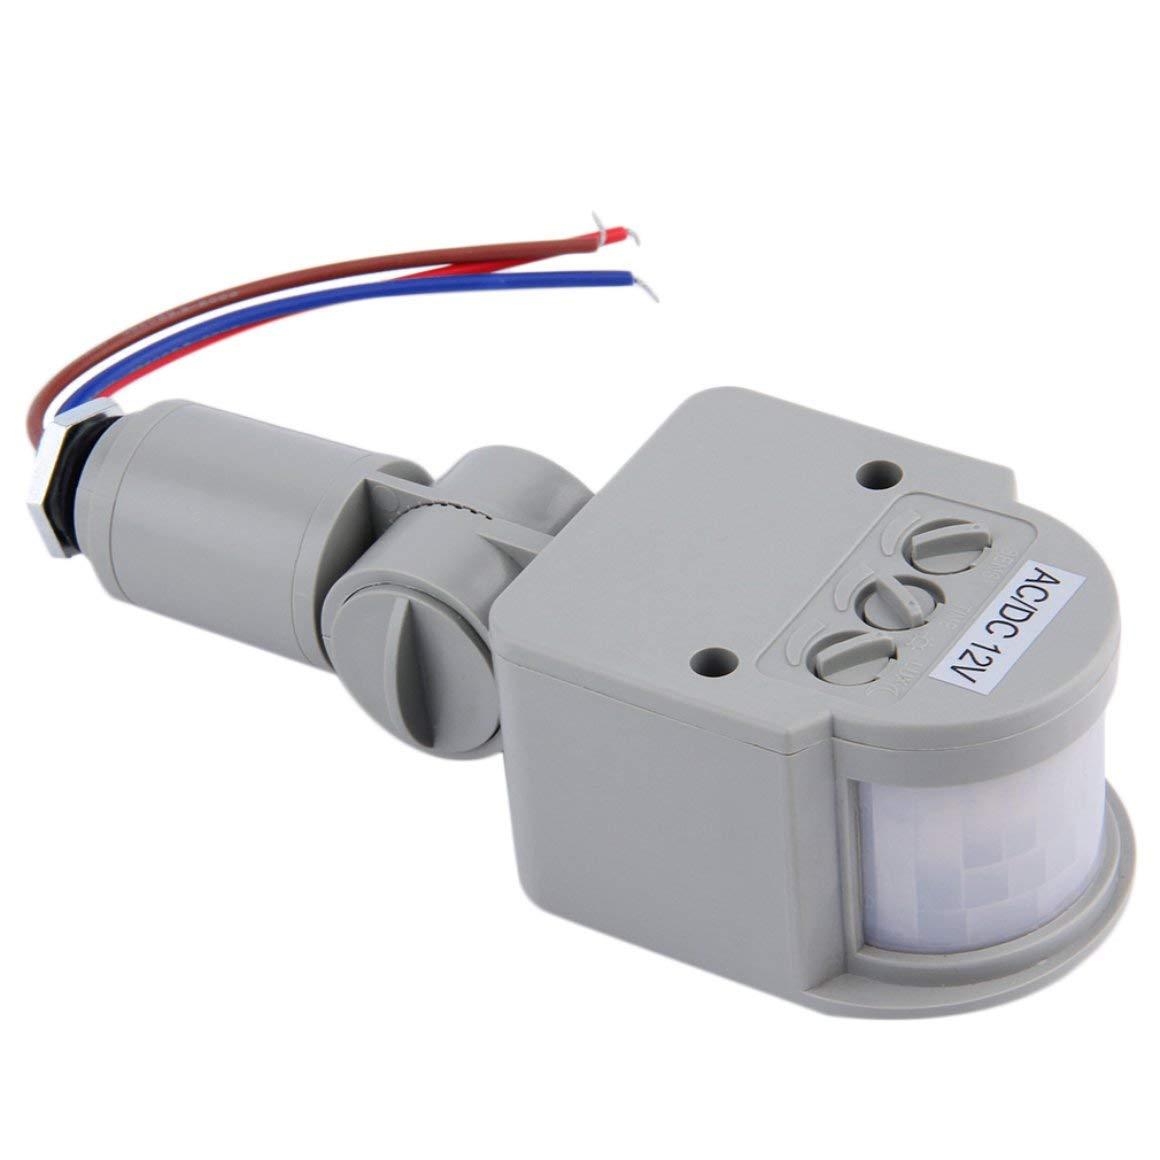 Funnyrunstore 1Pc DC / AC8V-12V automatico PIR a infrarossi sensore di movimento interruttore per LED luce qualità di sicurezza Indoor Outdoor spedizione gratuita (Colore: grigio)